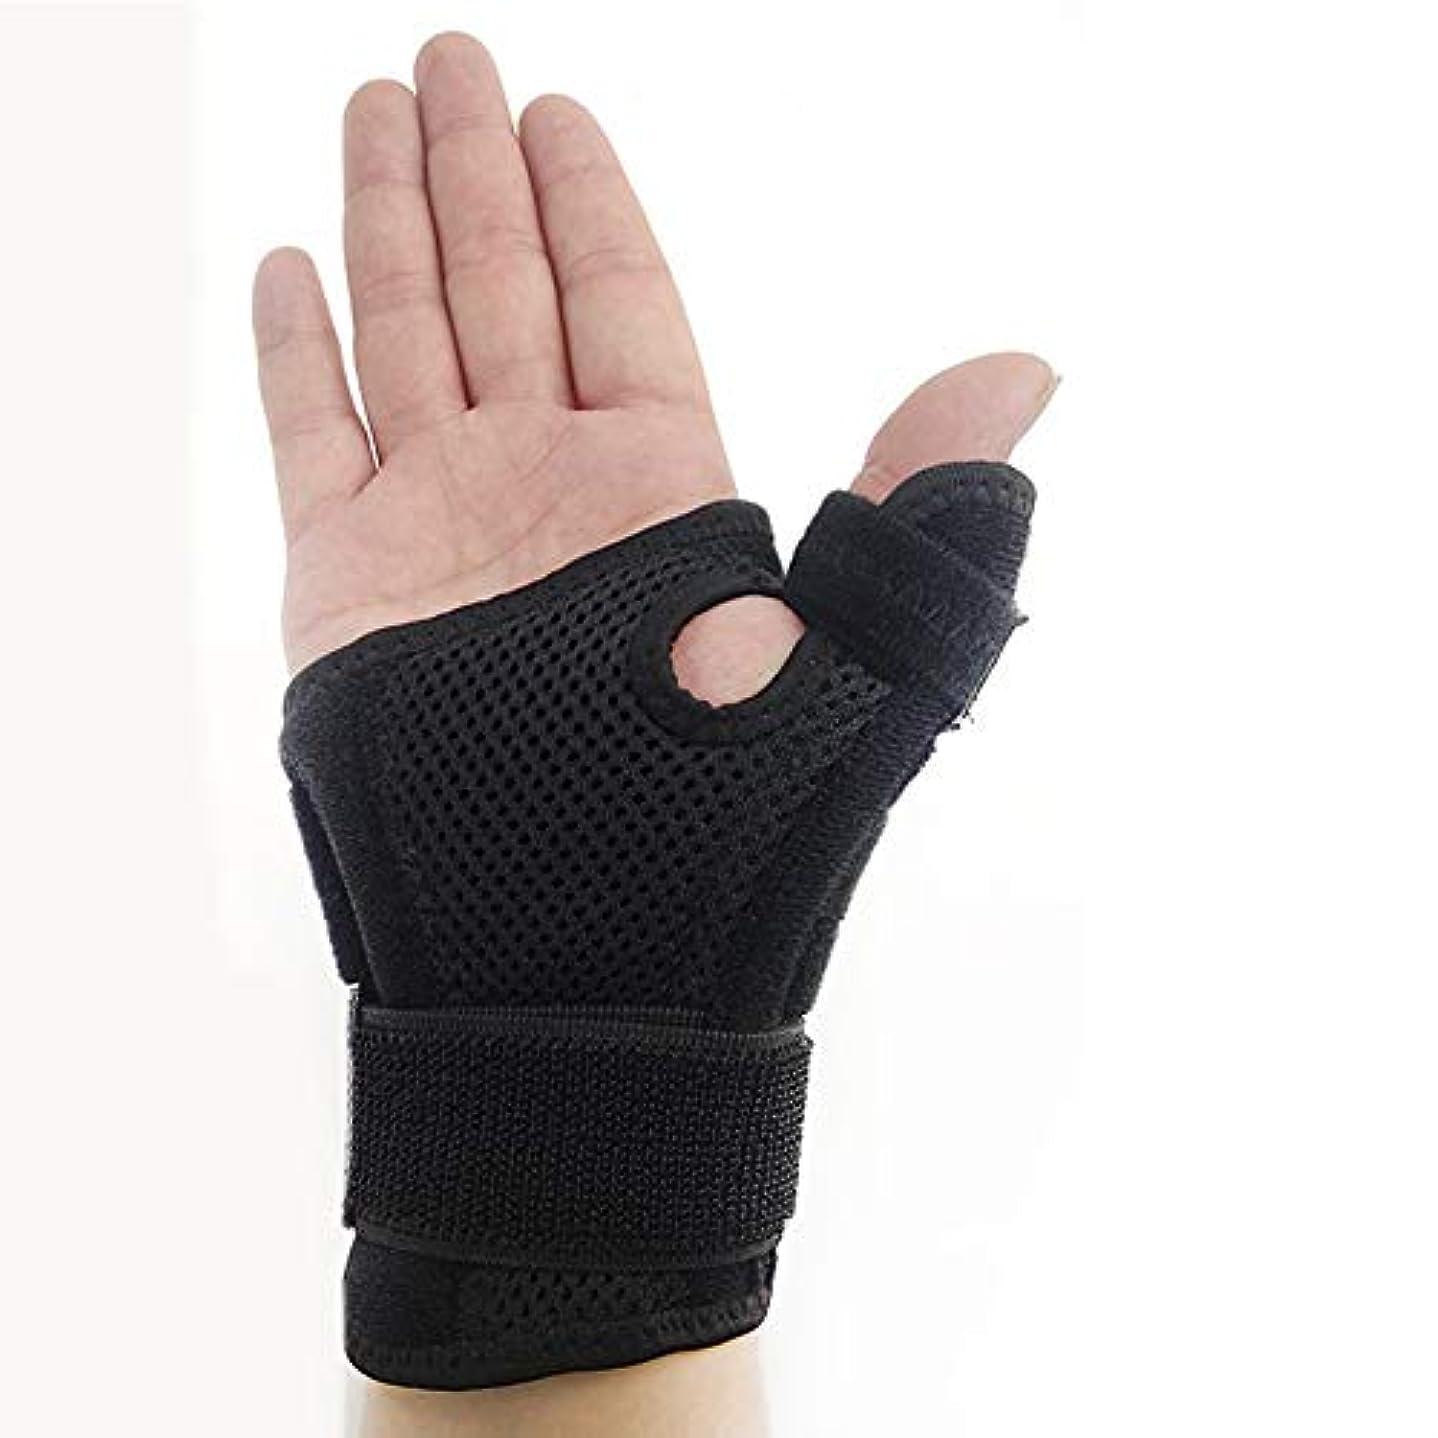 要件開示するエンジン右と左の手黒のヘルスケアのための親指の保護ブレースサポートスプリントの親指の共同捻挫ガード